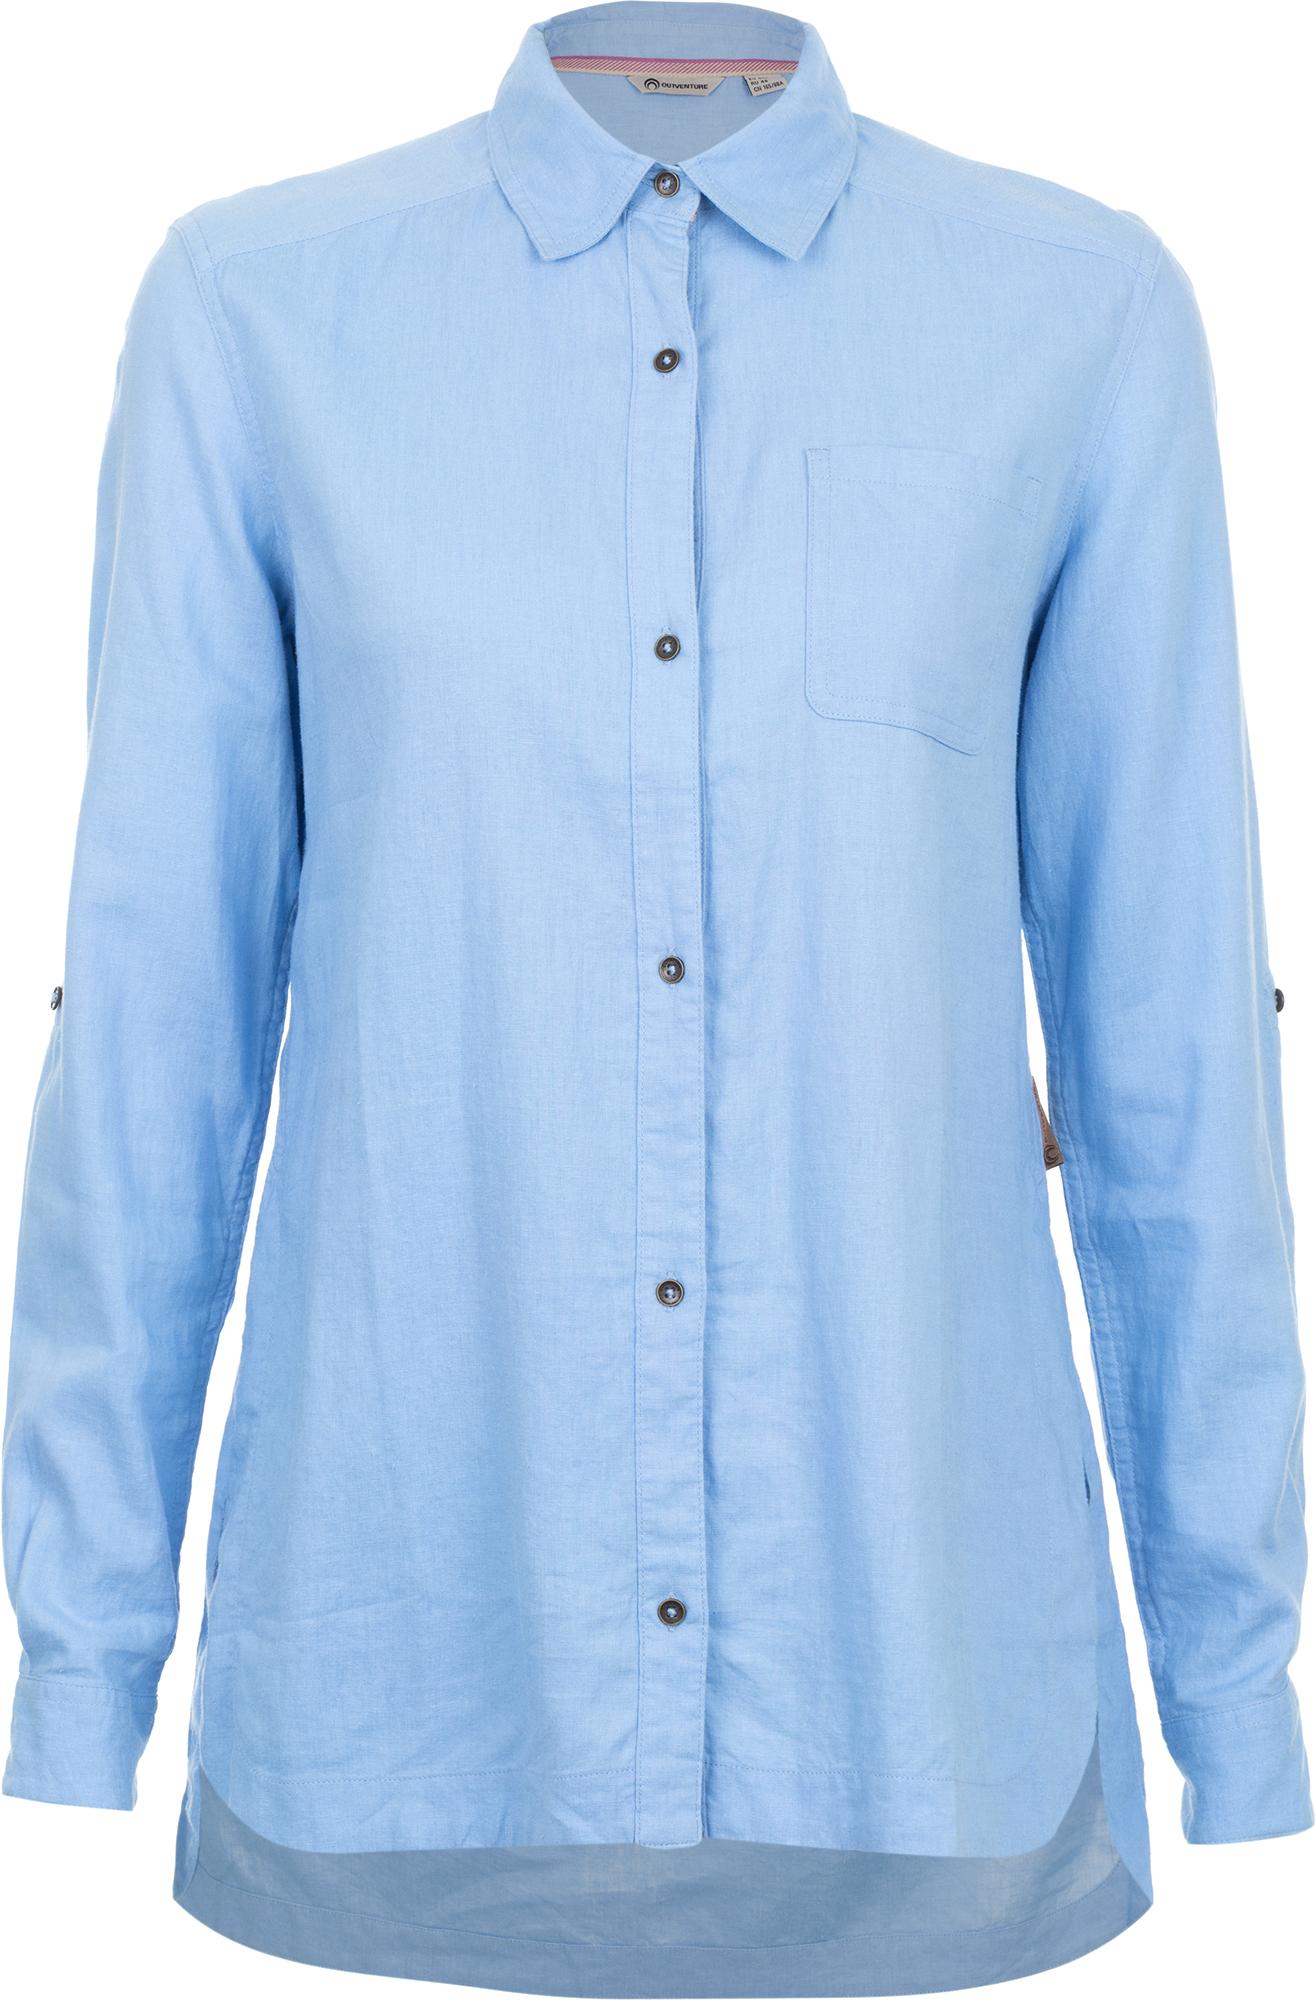 Outventure Рубашка с длинным рукавом женская Outventure